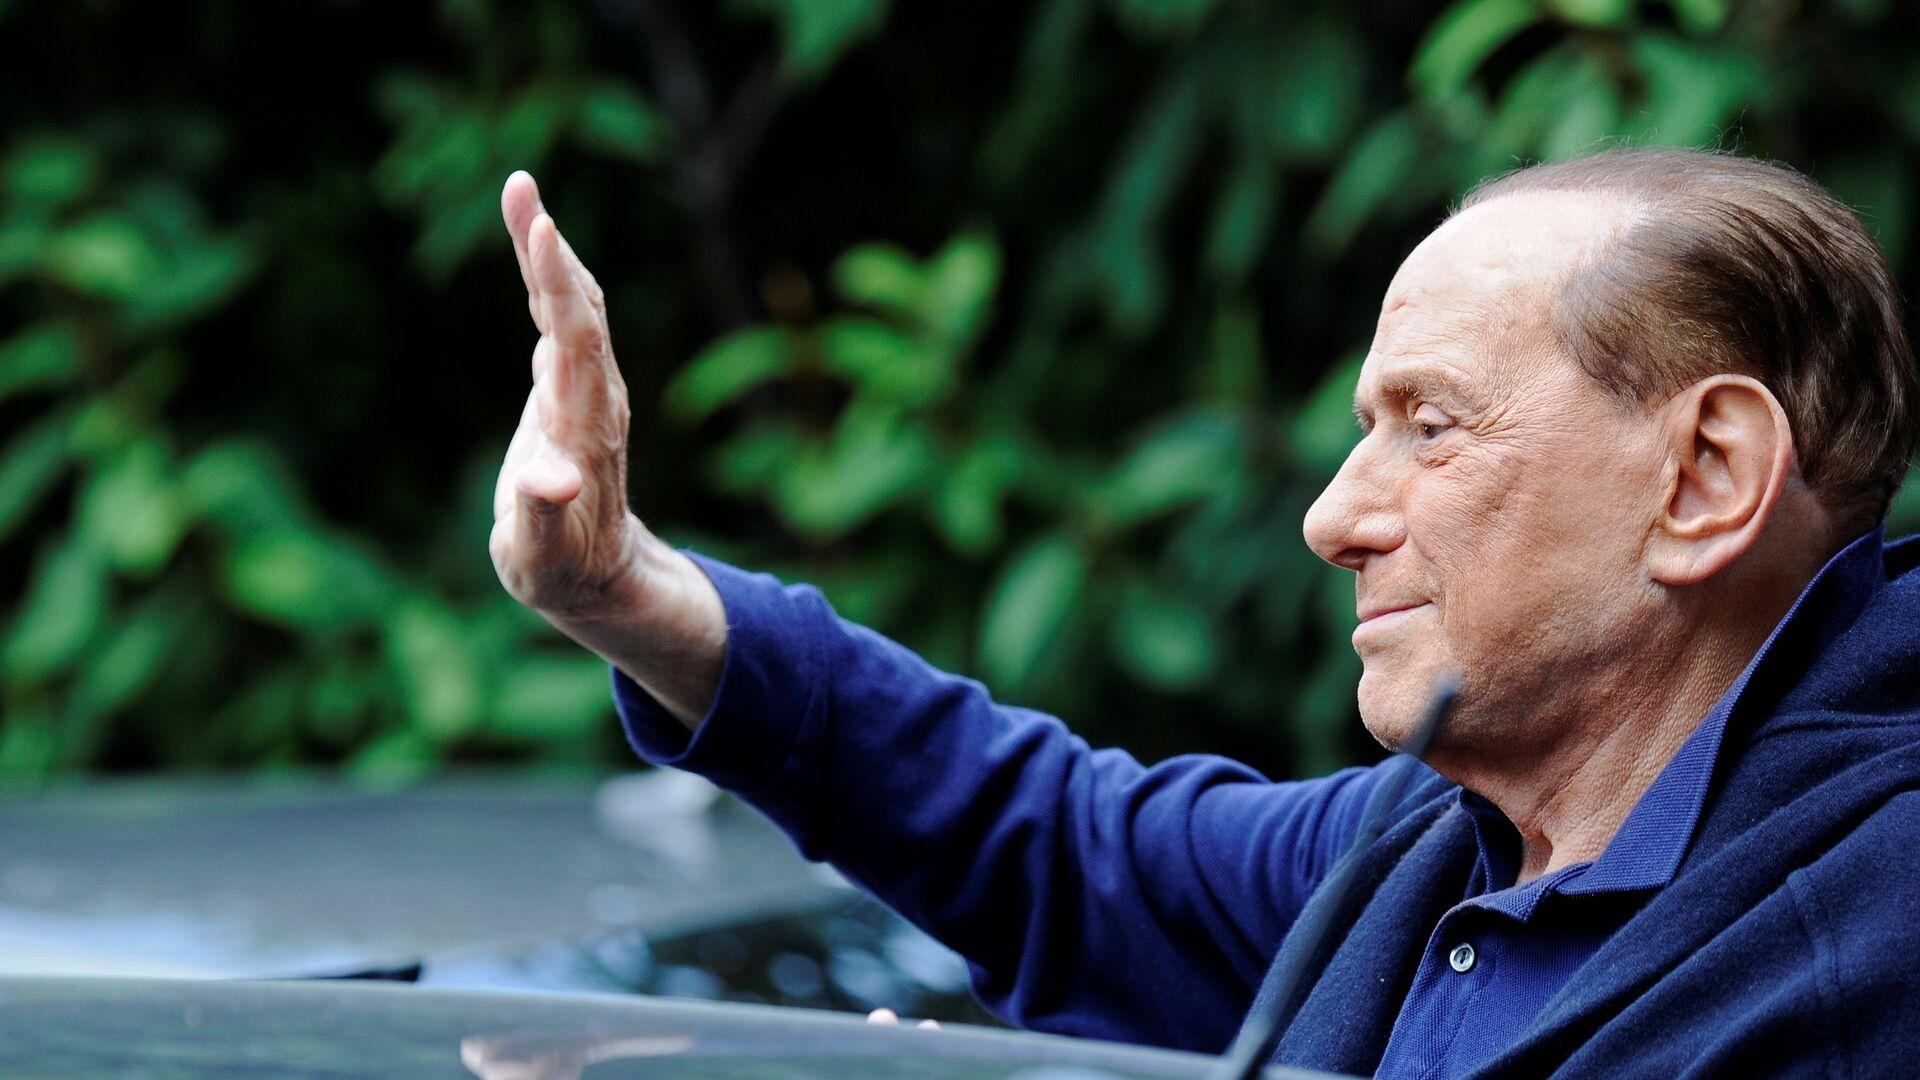 Berlusconi sale del hospital tras una operación a corazón abierto - Sputnik Mundo, 1920, 28.04.2021